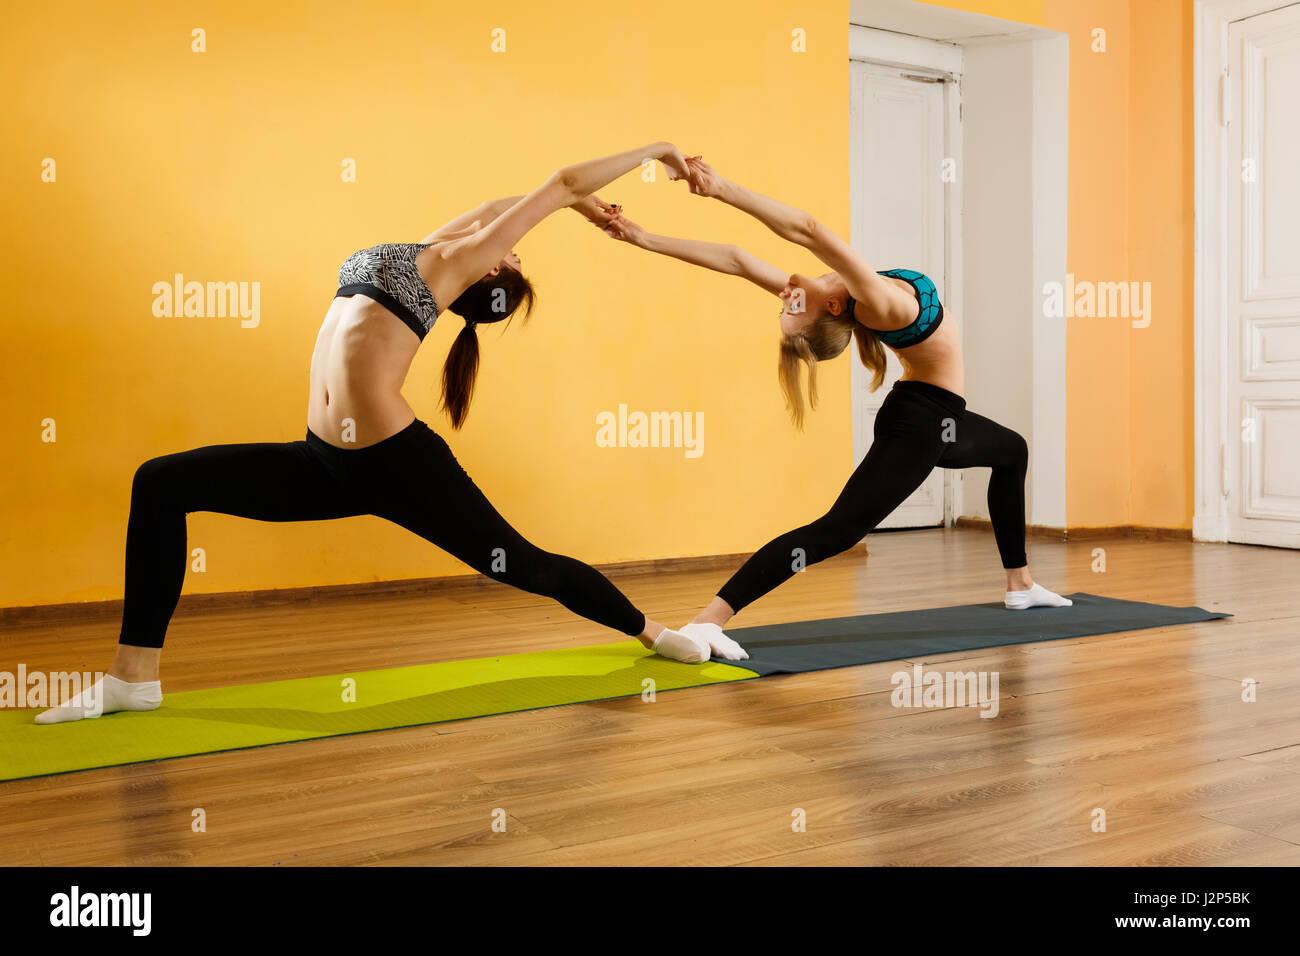 Due atleti facendo esercizi di stretching Immagini Stock